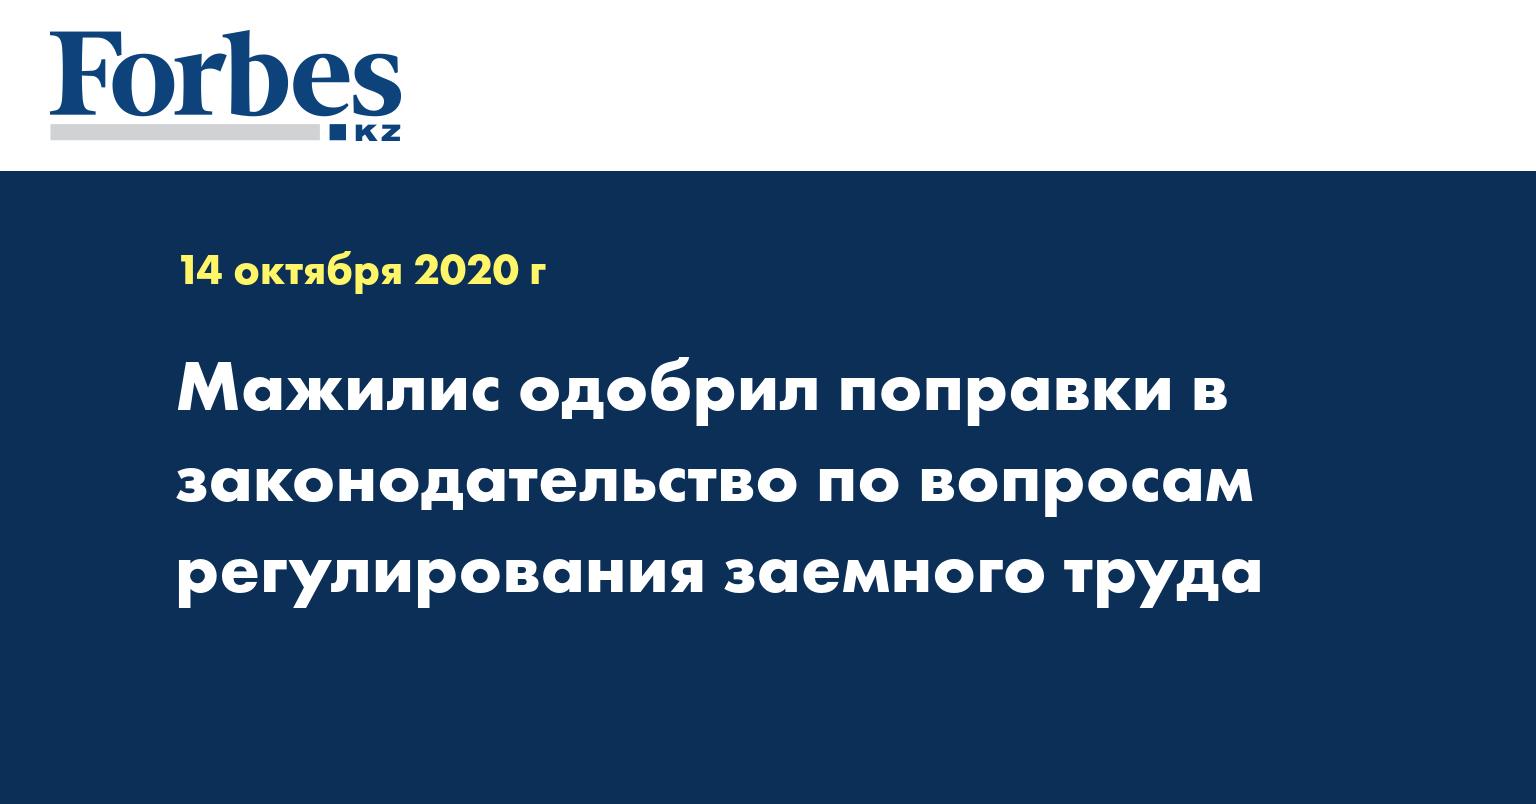 Мажилис одобрил поправки в законодательство по вопросам регулирования заемного труда